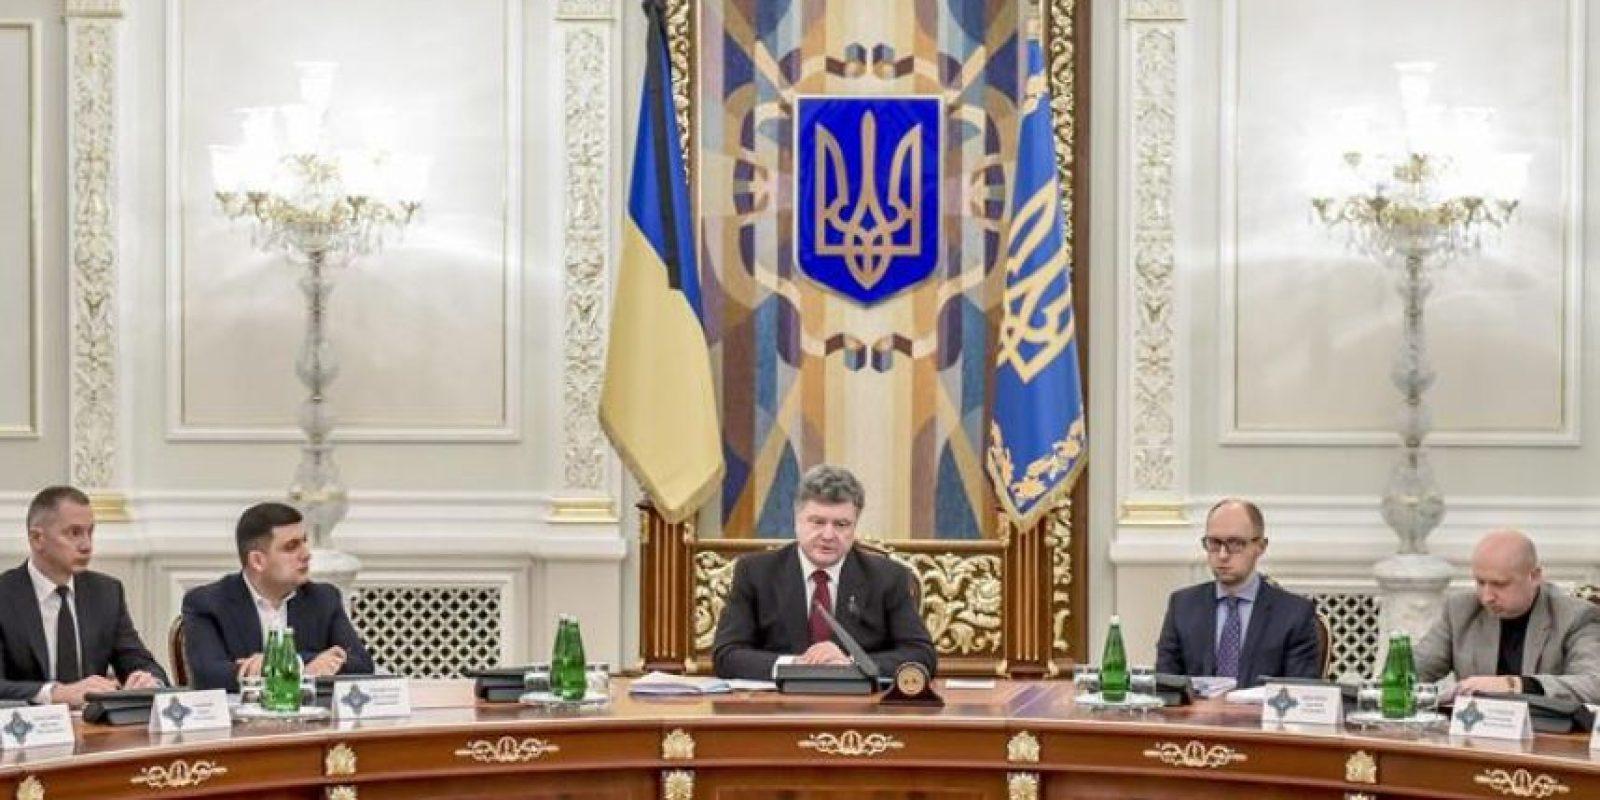 Fotografía cedida por el servicio de prensa presidencial ucraniano que muestra al presidente ucraniano, Petró Poroshenko (c) al frente de una reunión de emergencia del Consejo de Seguridad y Defensa Nacional en Kiev, Ucrania. EFE